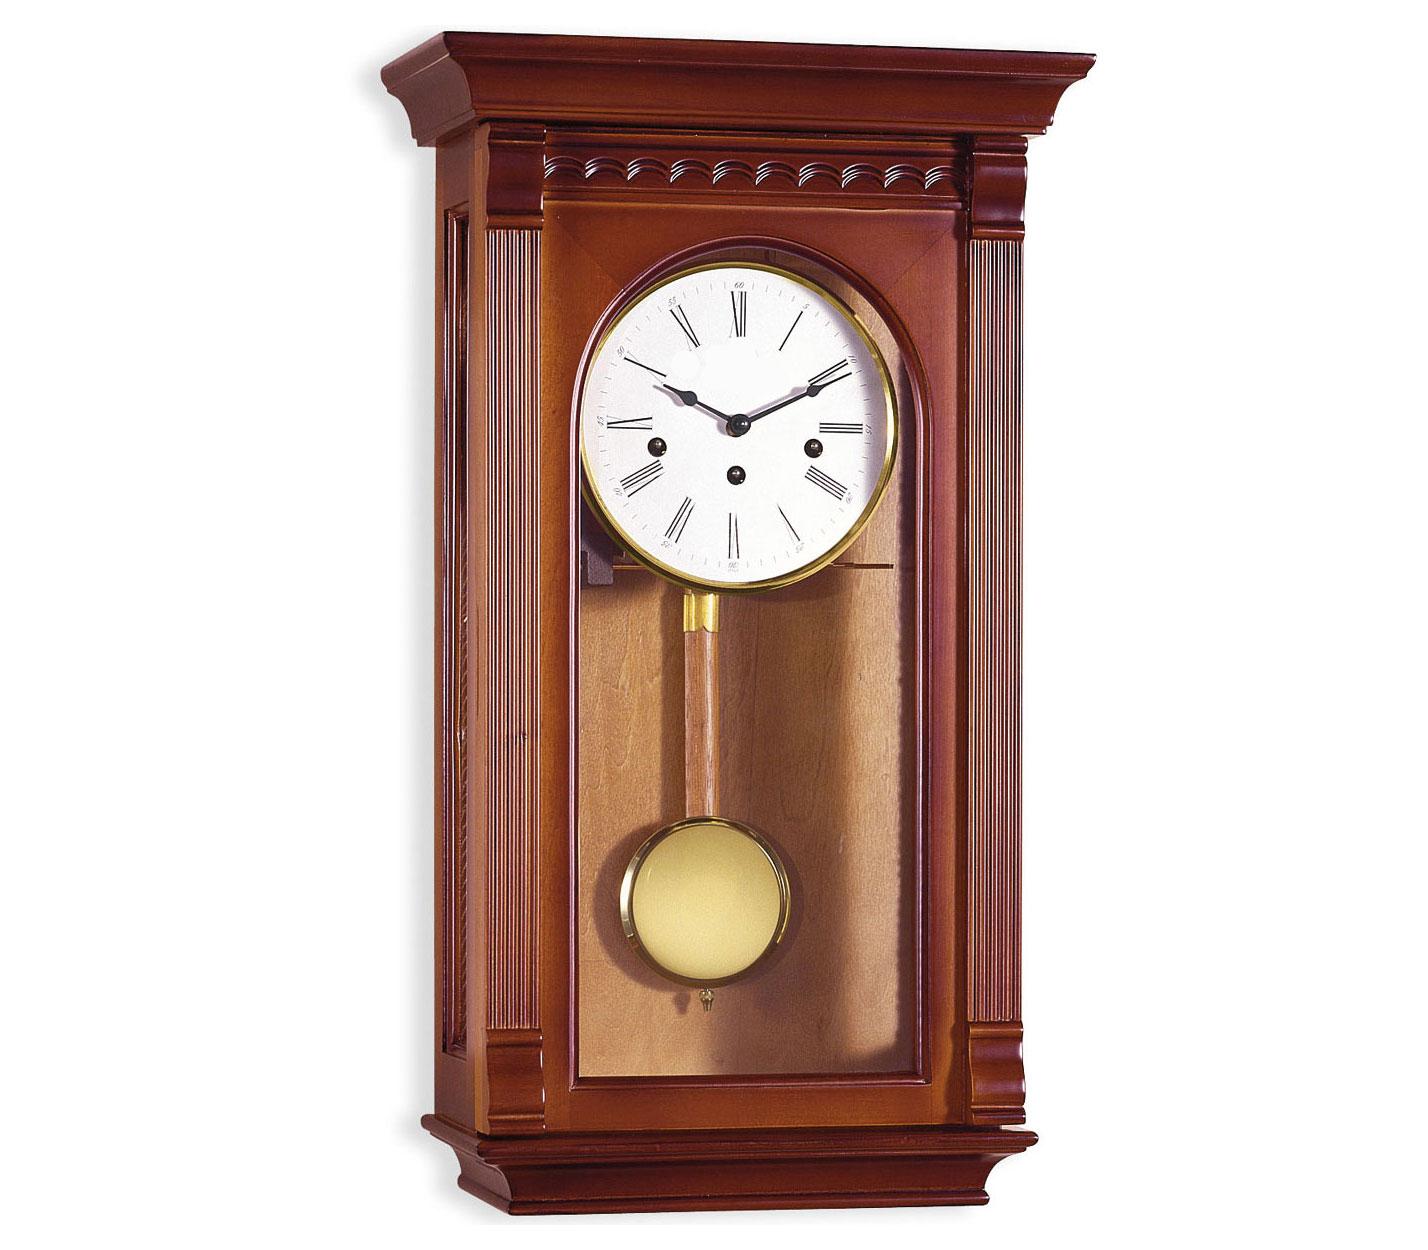 Reloj de pendulo de pared mec nico 58 cm alta calidad - Relojes para decorar paredes ...